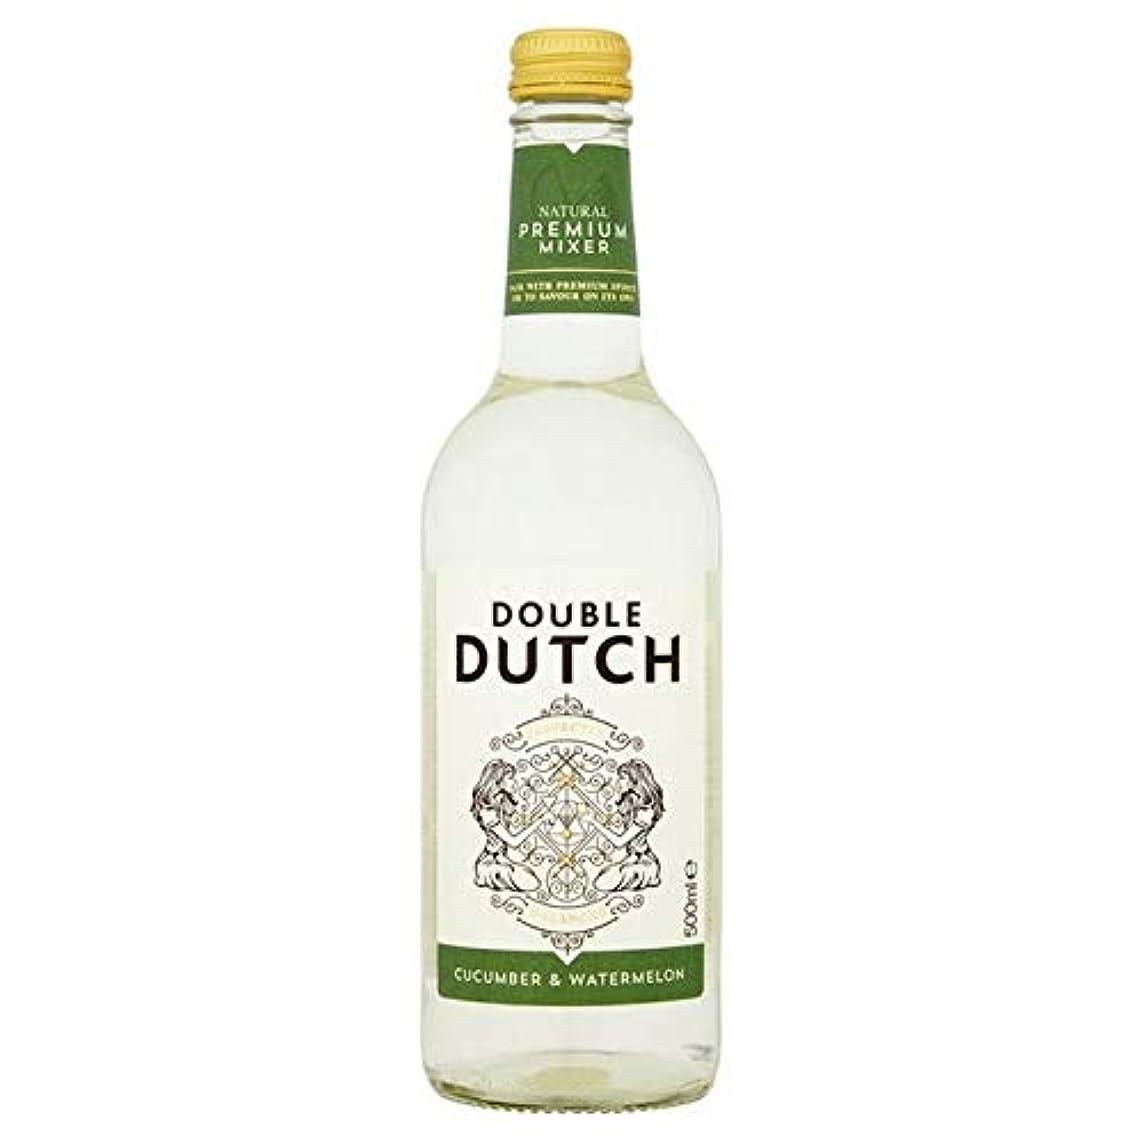 バーガー生根拠[Double Dutch ] ダブルダッチキュウリやスイカの500ミリリットル - Double Dutch Cucumber and Watermelon 500ml [並行輸入品]